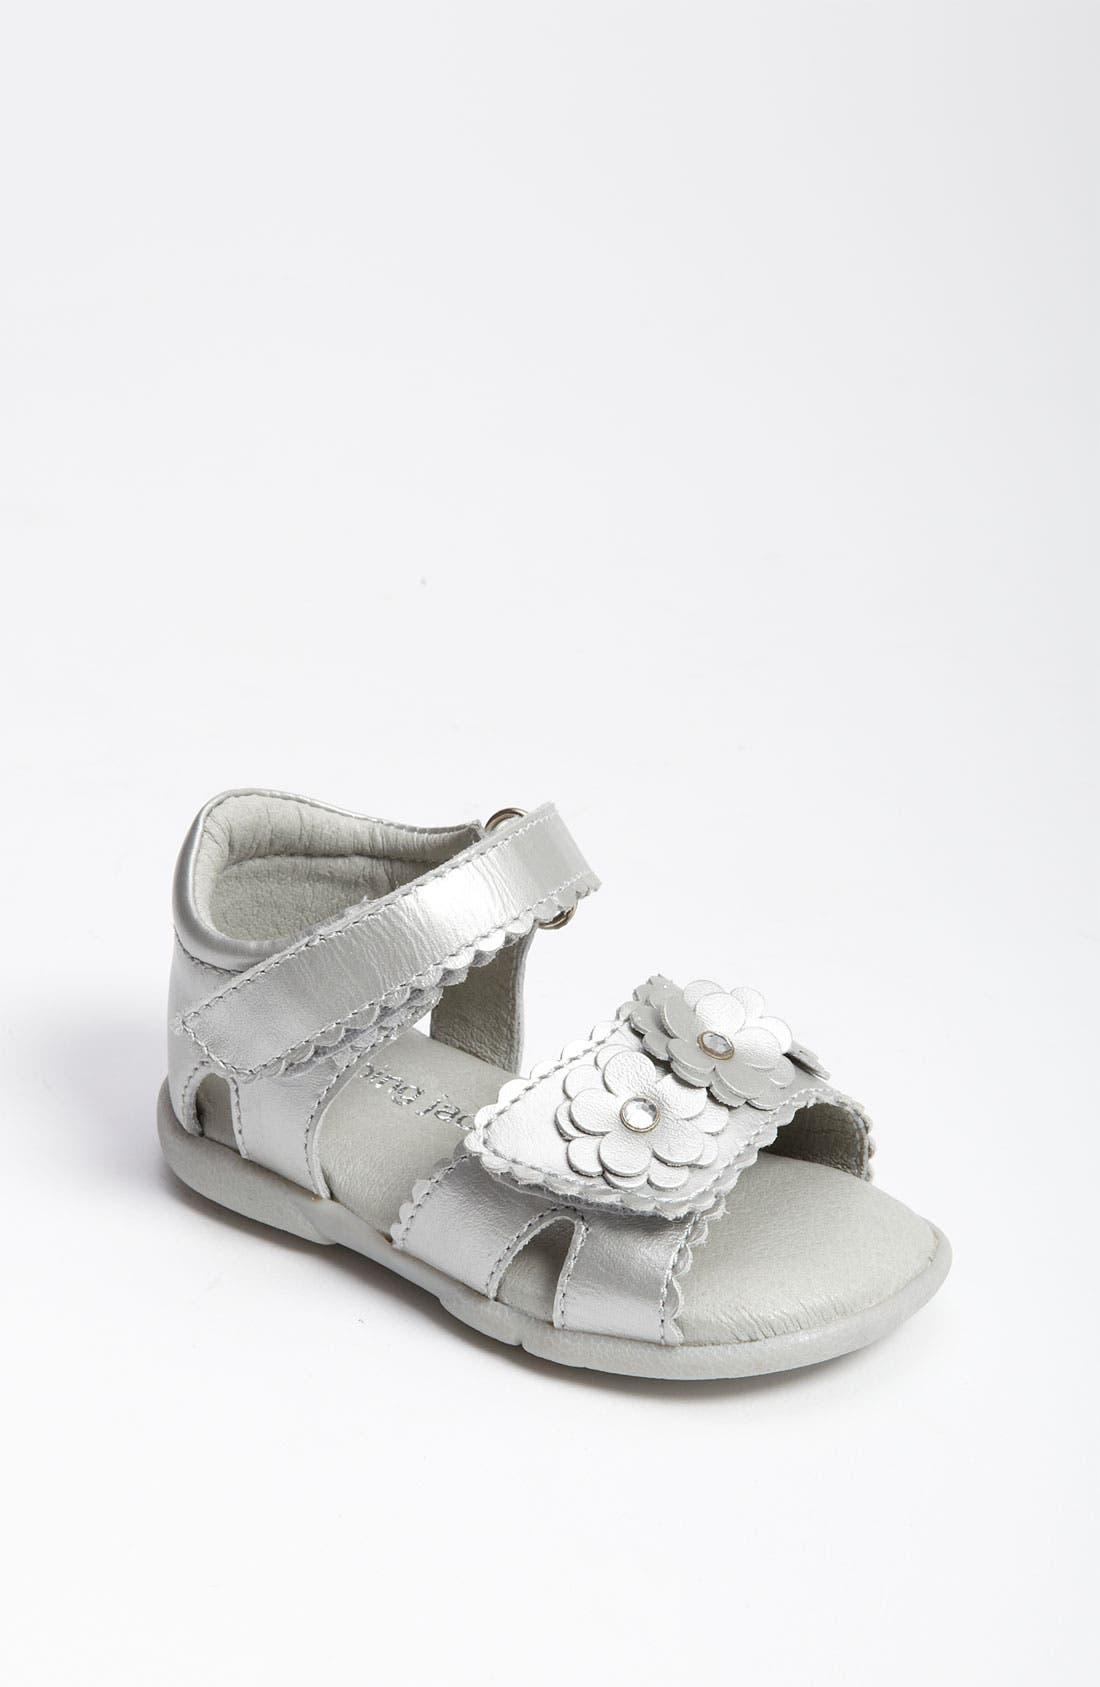 Main Image - Jumping Jacks 'Whisper' Sandal (Baby, Walker & Toddler)